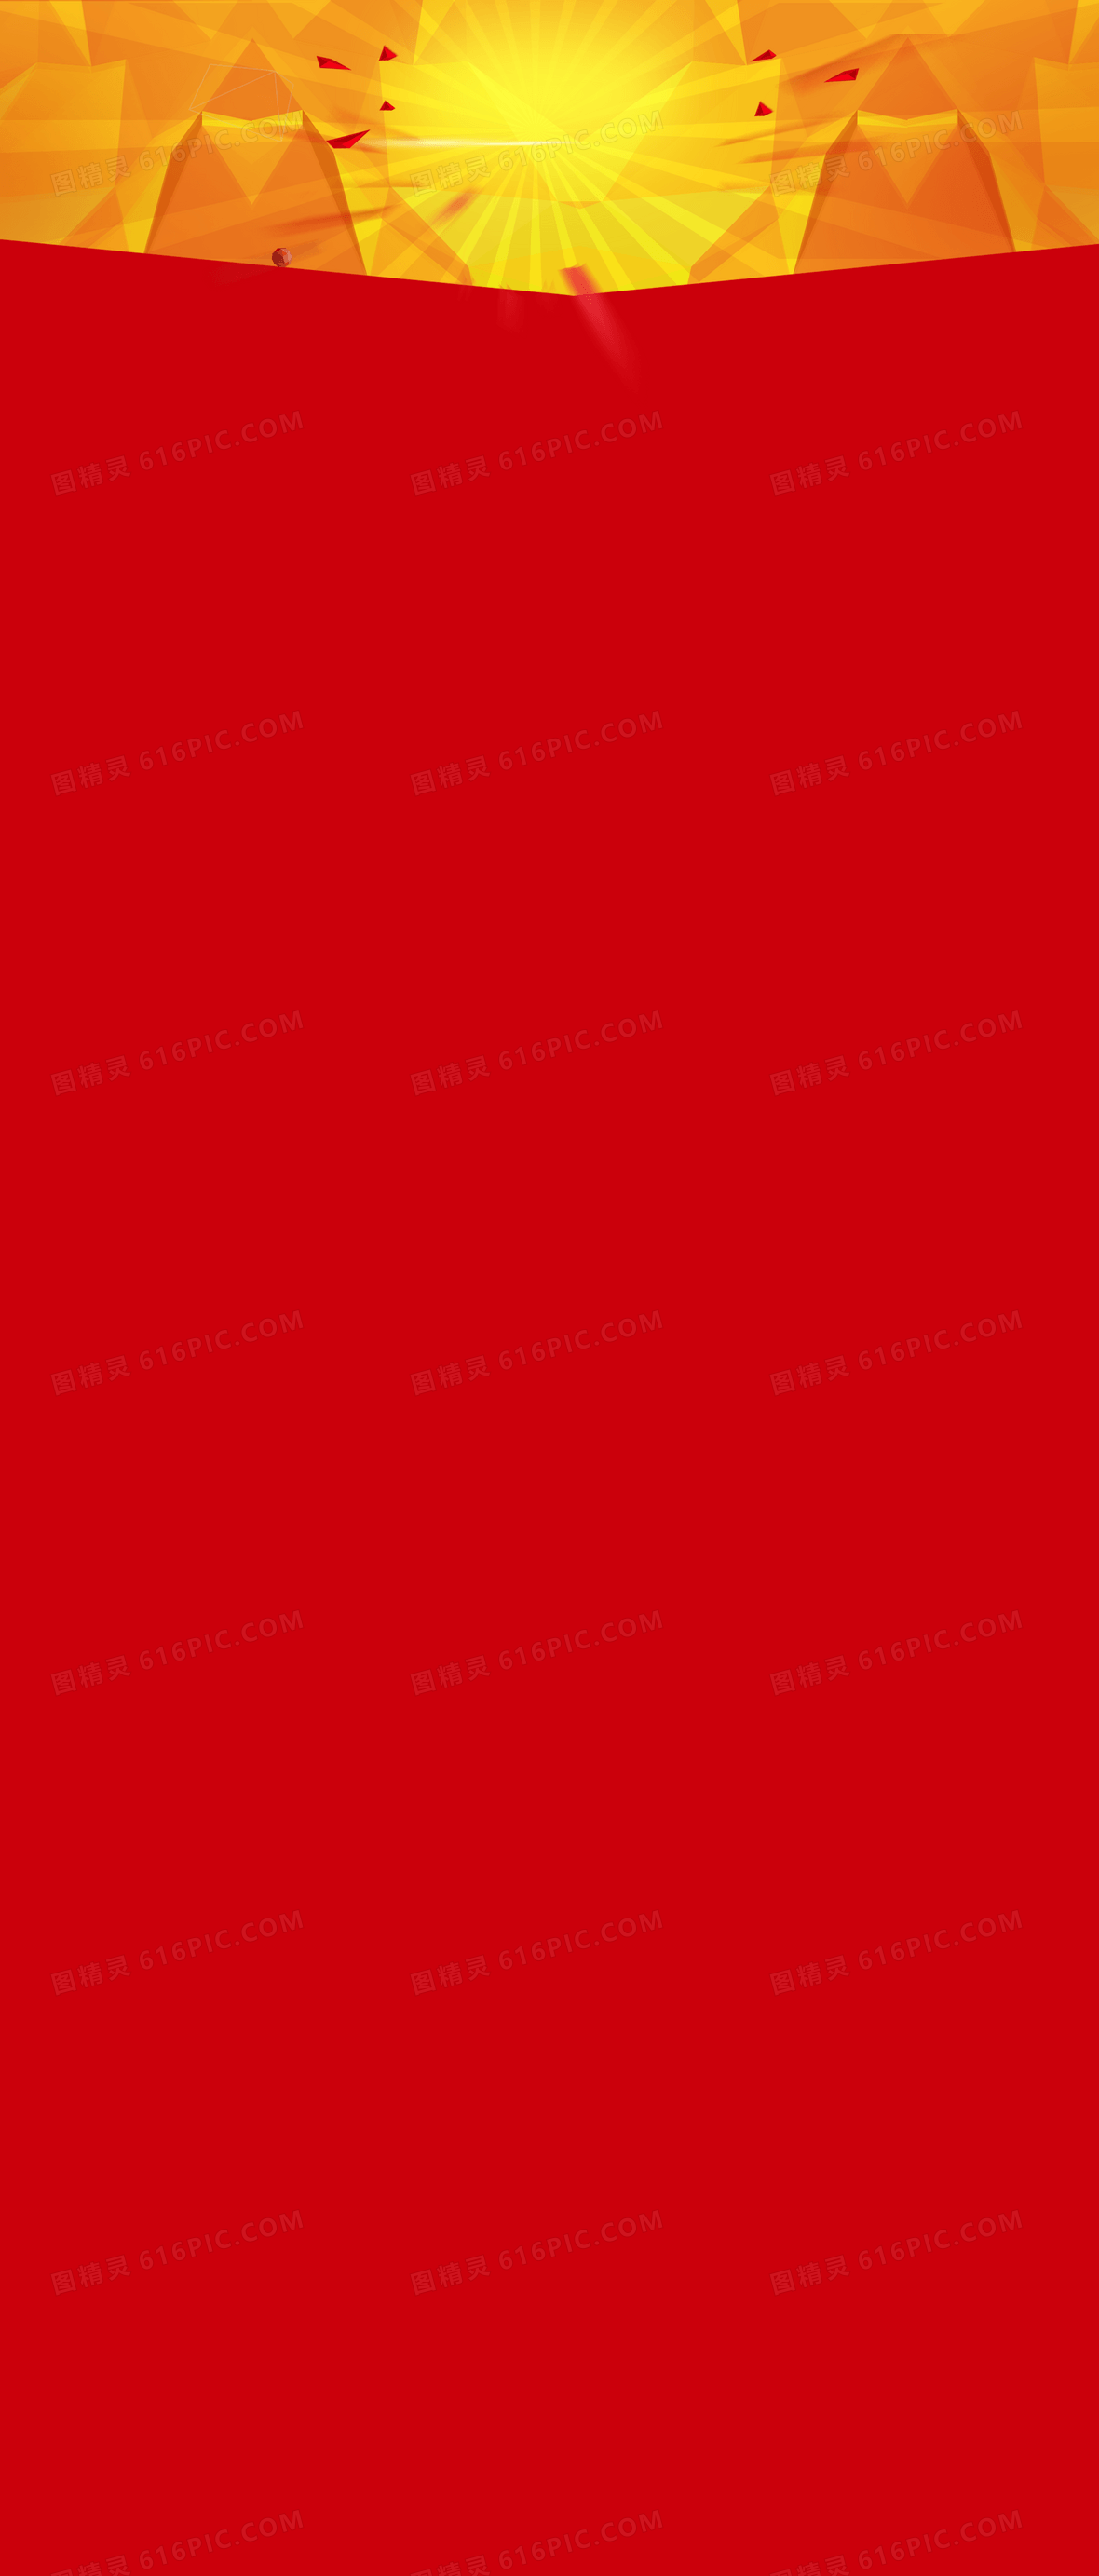 红色店铺背景,淘宝素材